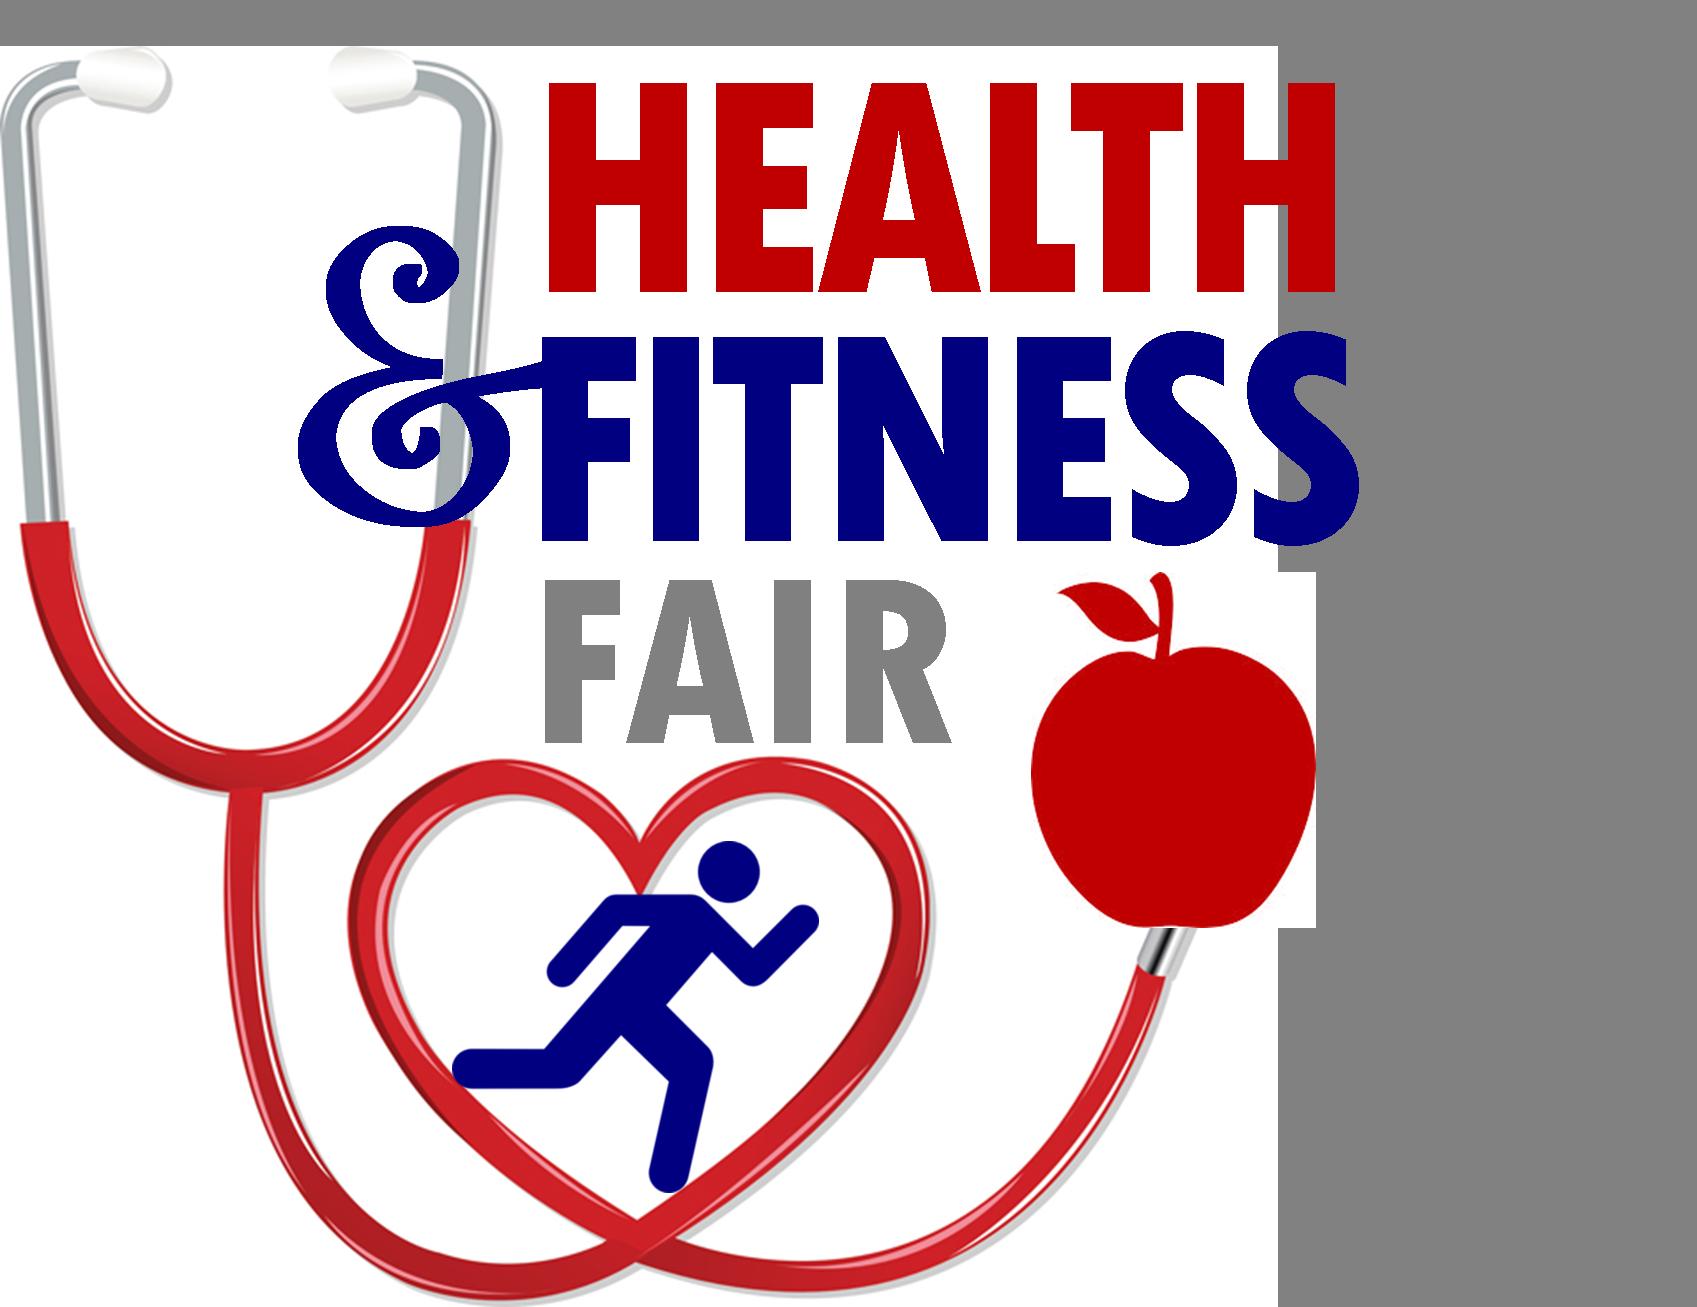 Health&FitnessFair2014.png